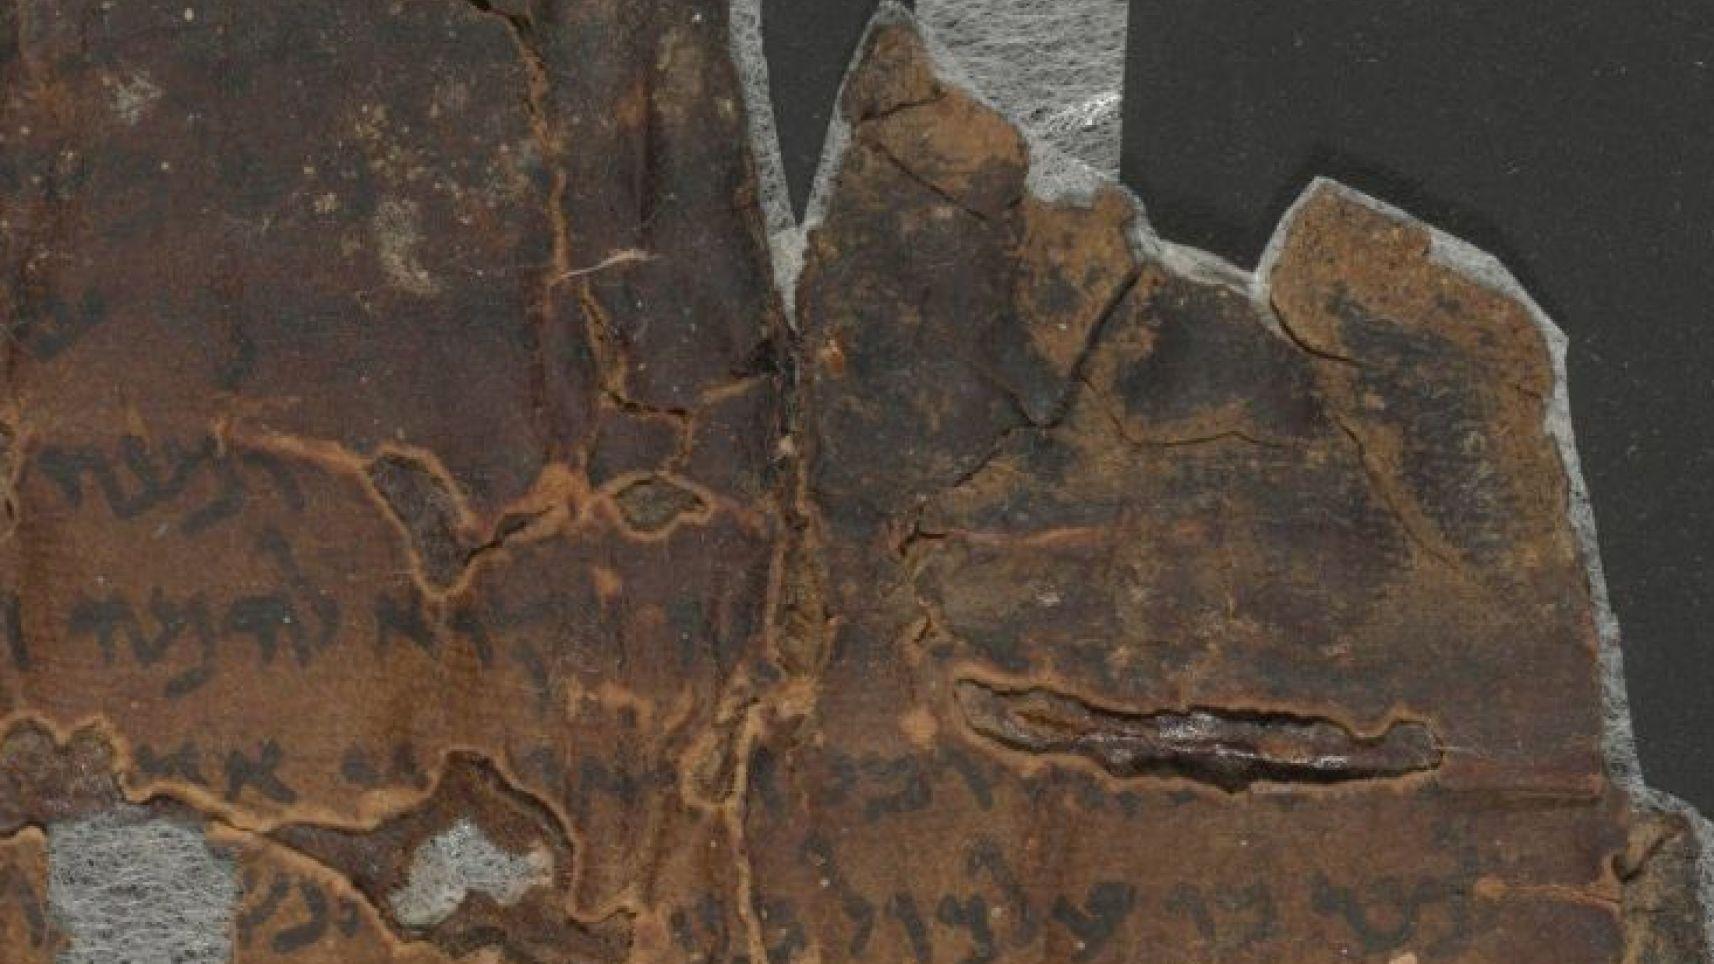 """El Dr. Alexey Yuditsky interpreta este texto como si quisiese decir que las """"costillas"""" del arca (esto es, las vigas transversales que daban forma al arca) se juntasen en la parte superior: es decir, que las vigas se juntaban arriba del arca, como en un cono, y se unían en un punto superior, dándole cierta forma cuasi piramidal."""